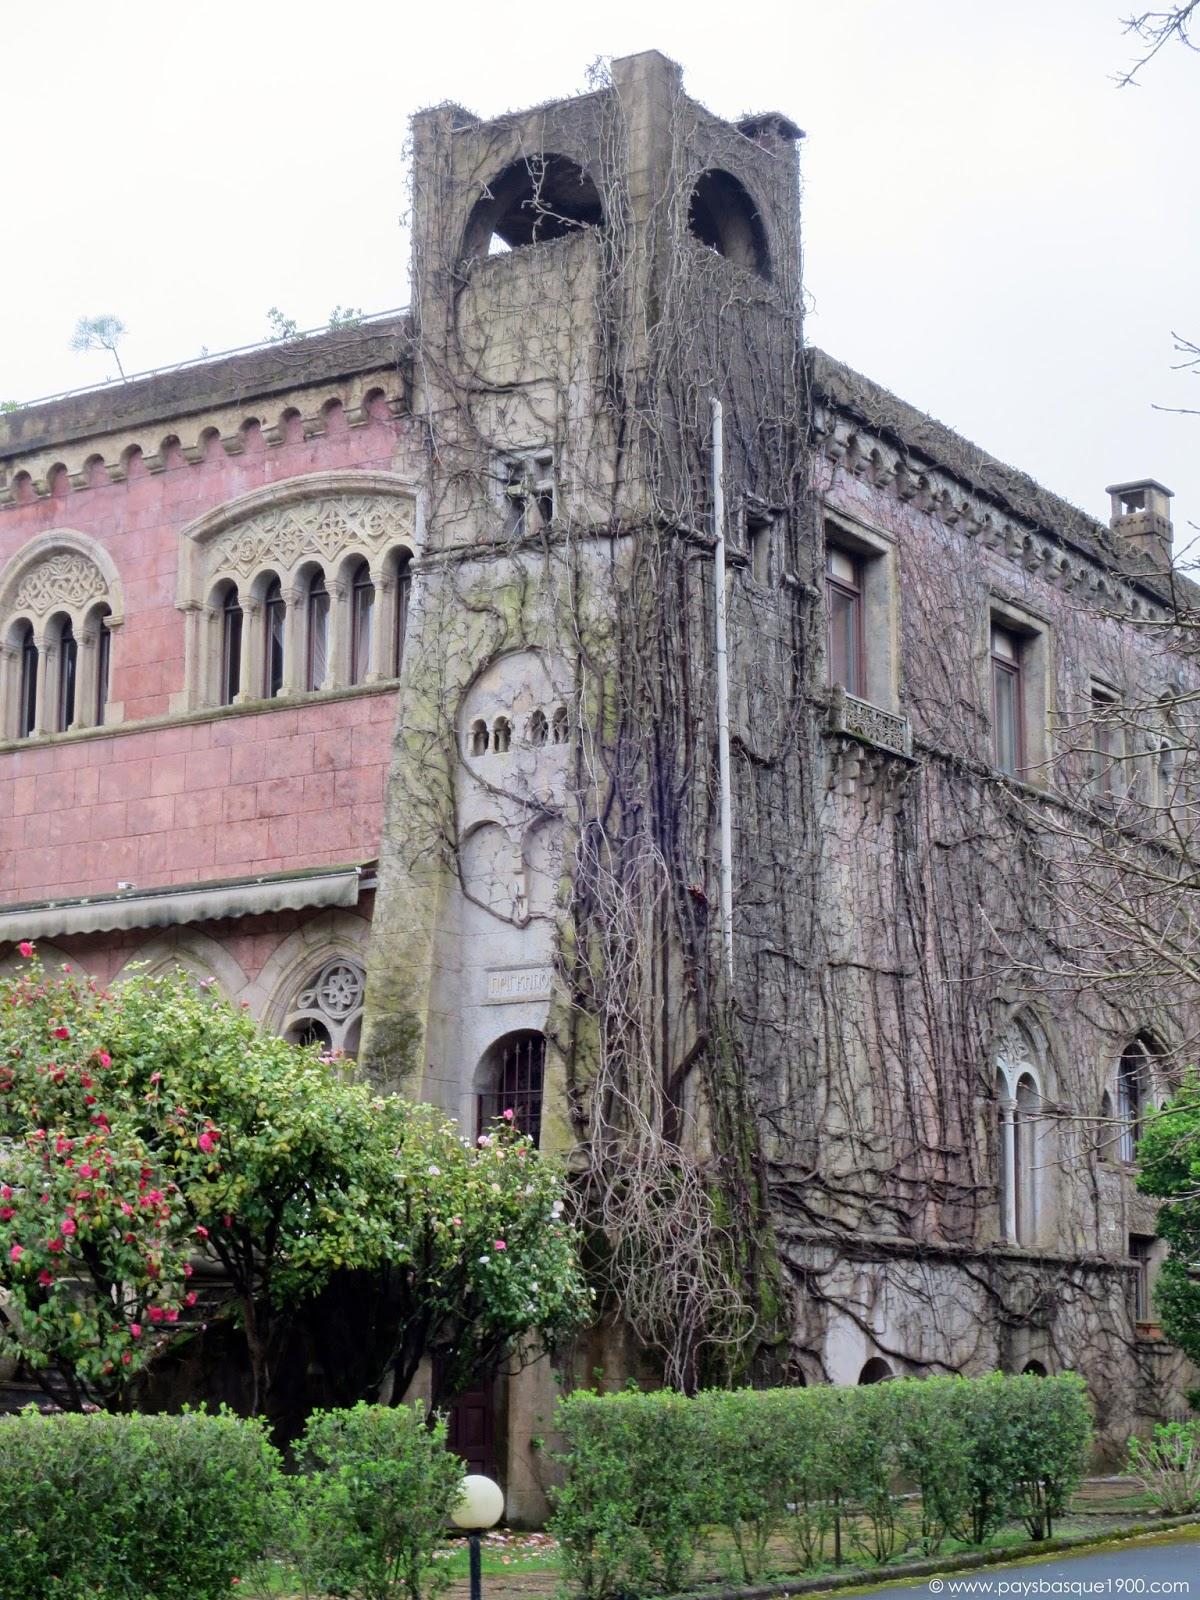 Visite pays basque la villa prinkipo anglet for Autour de la maison anglet